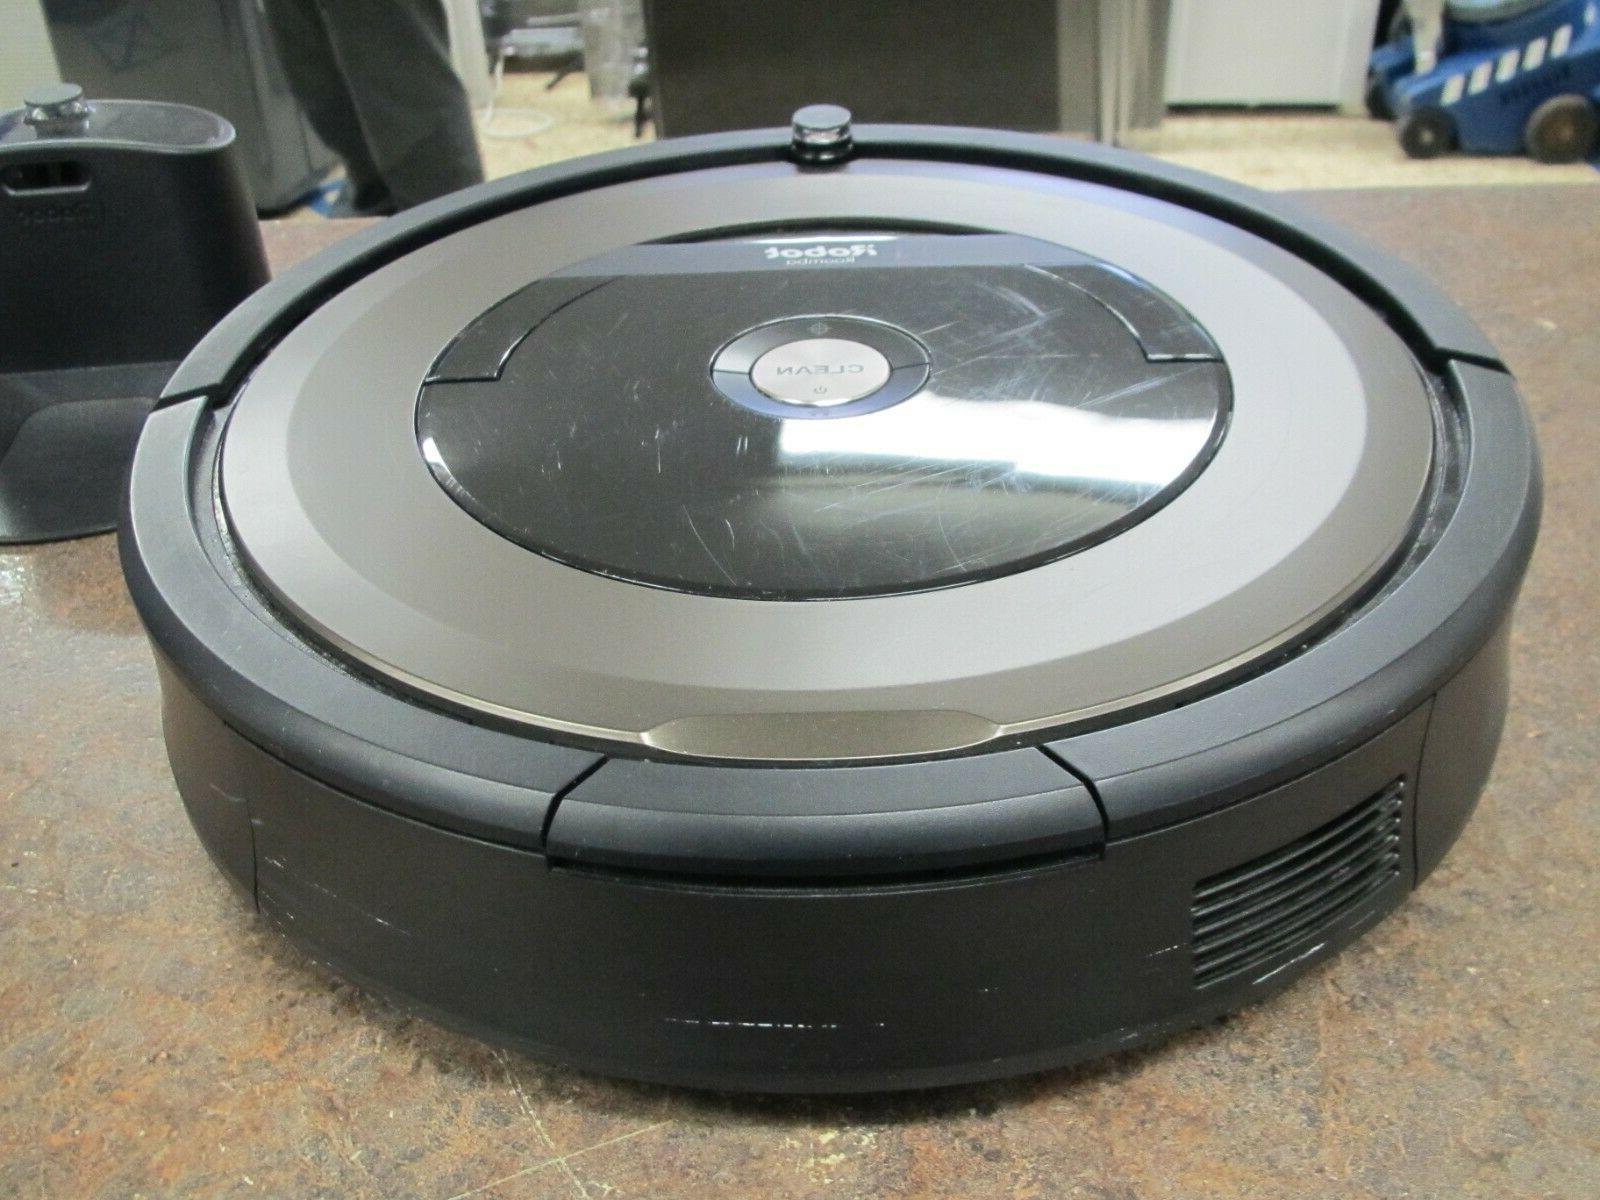 iRobot 890 Vacuum Cleaner w Dock